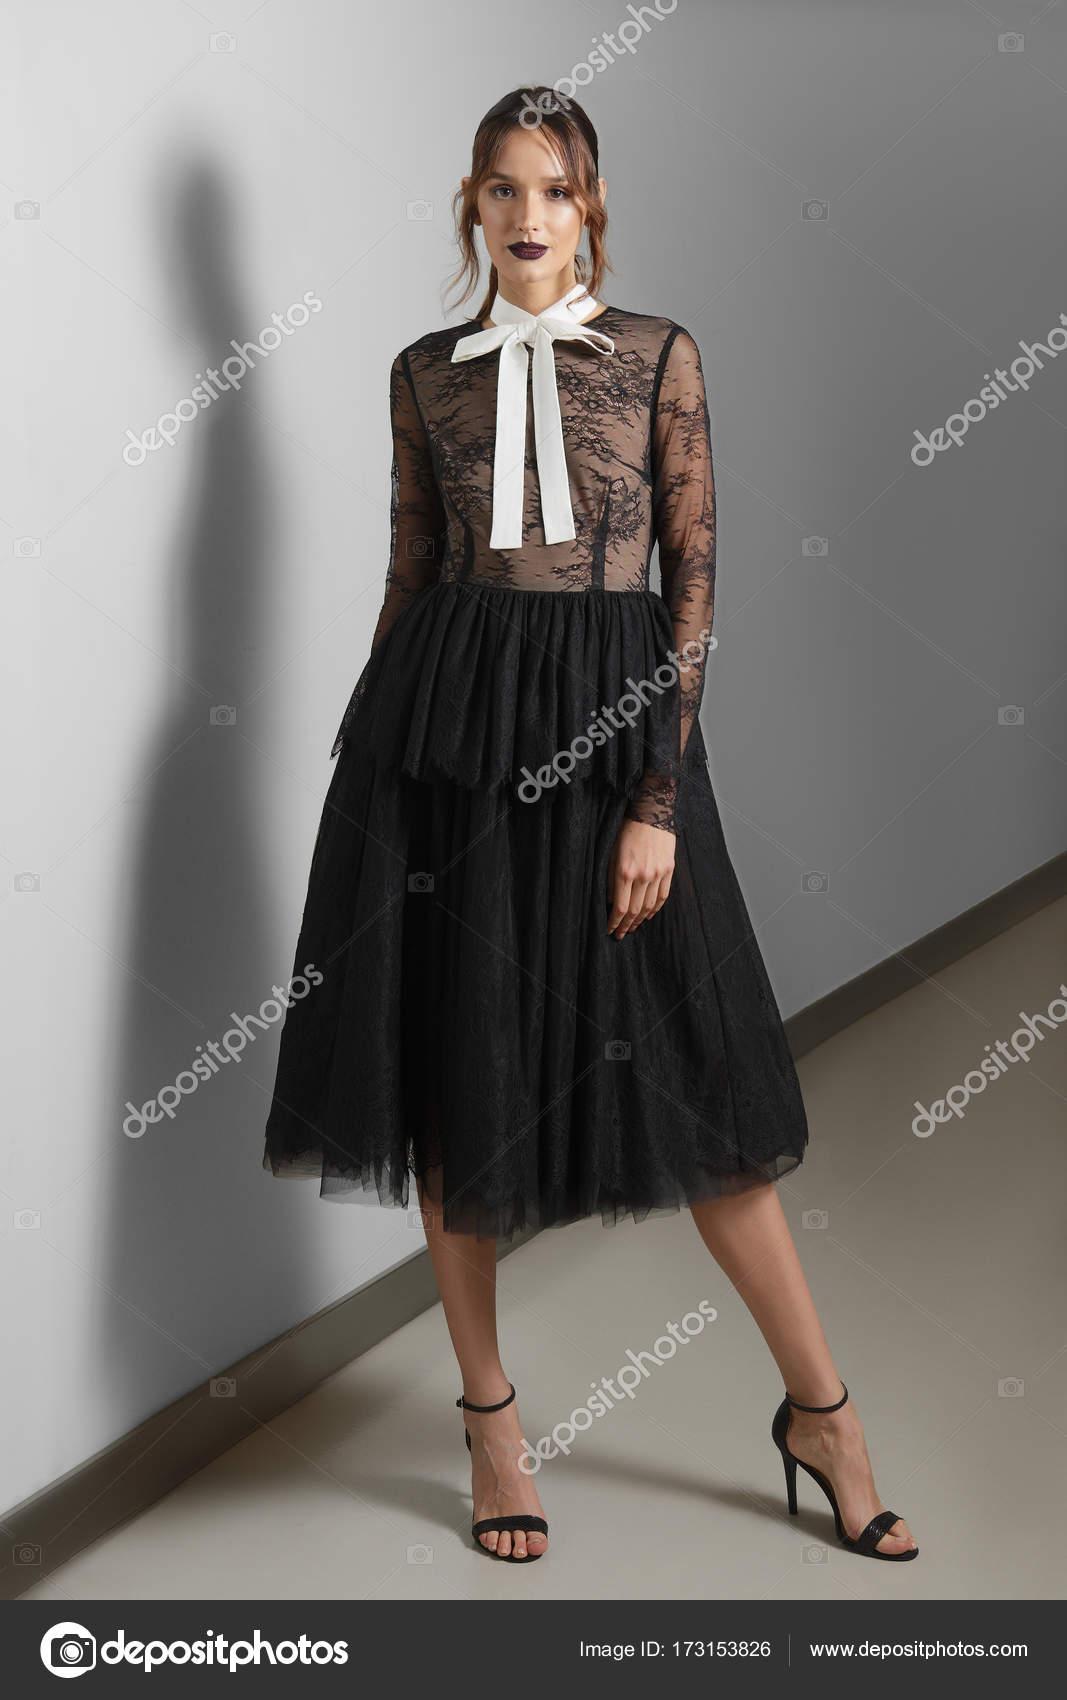 8f488ef0621 Ελκυστική κοπέλα σε μαύρη δαντέλα Χνουδωτή Φόρεμα και άσπρο γιακά ...